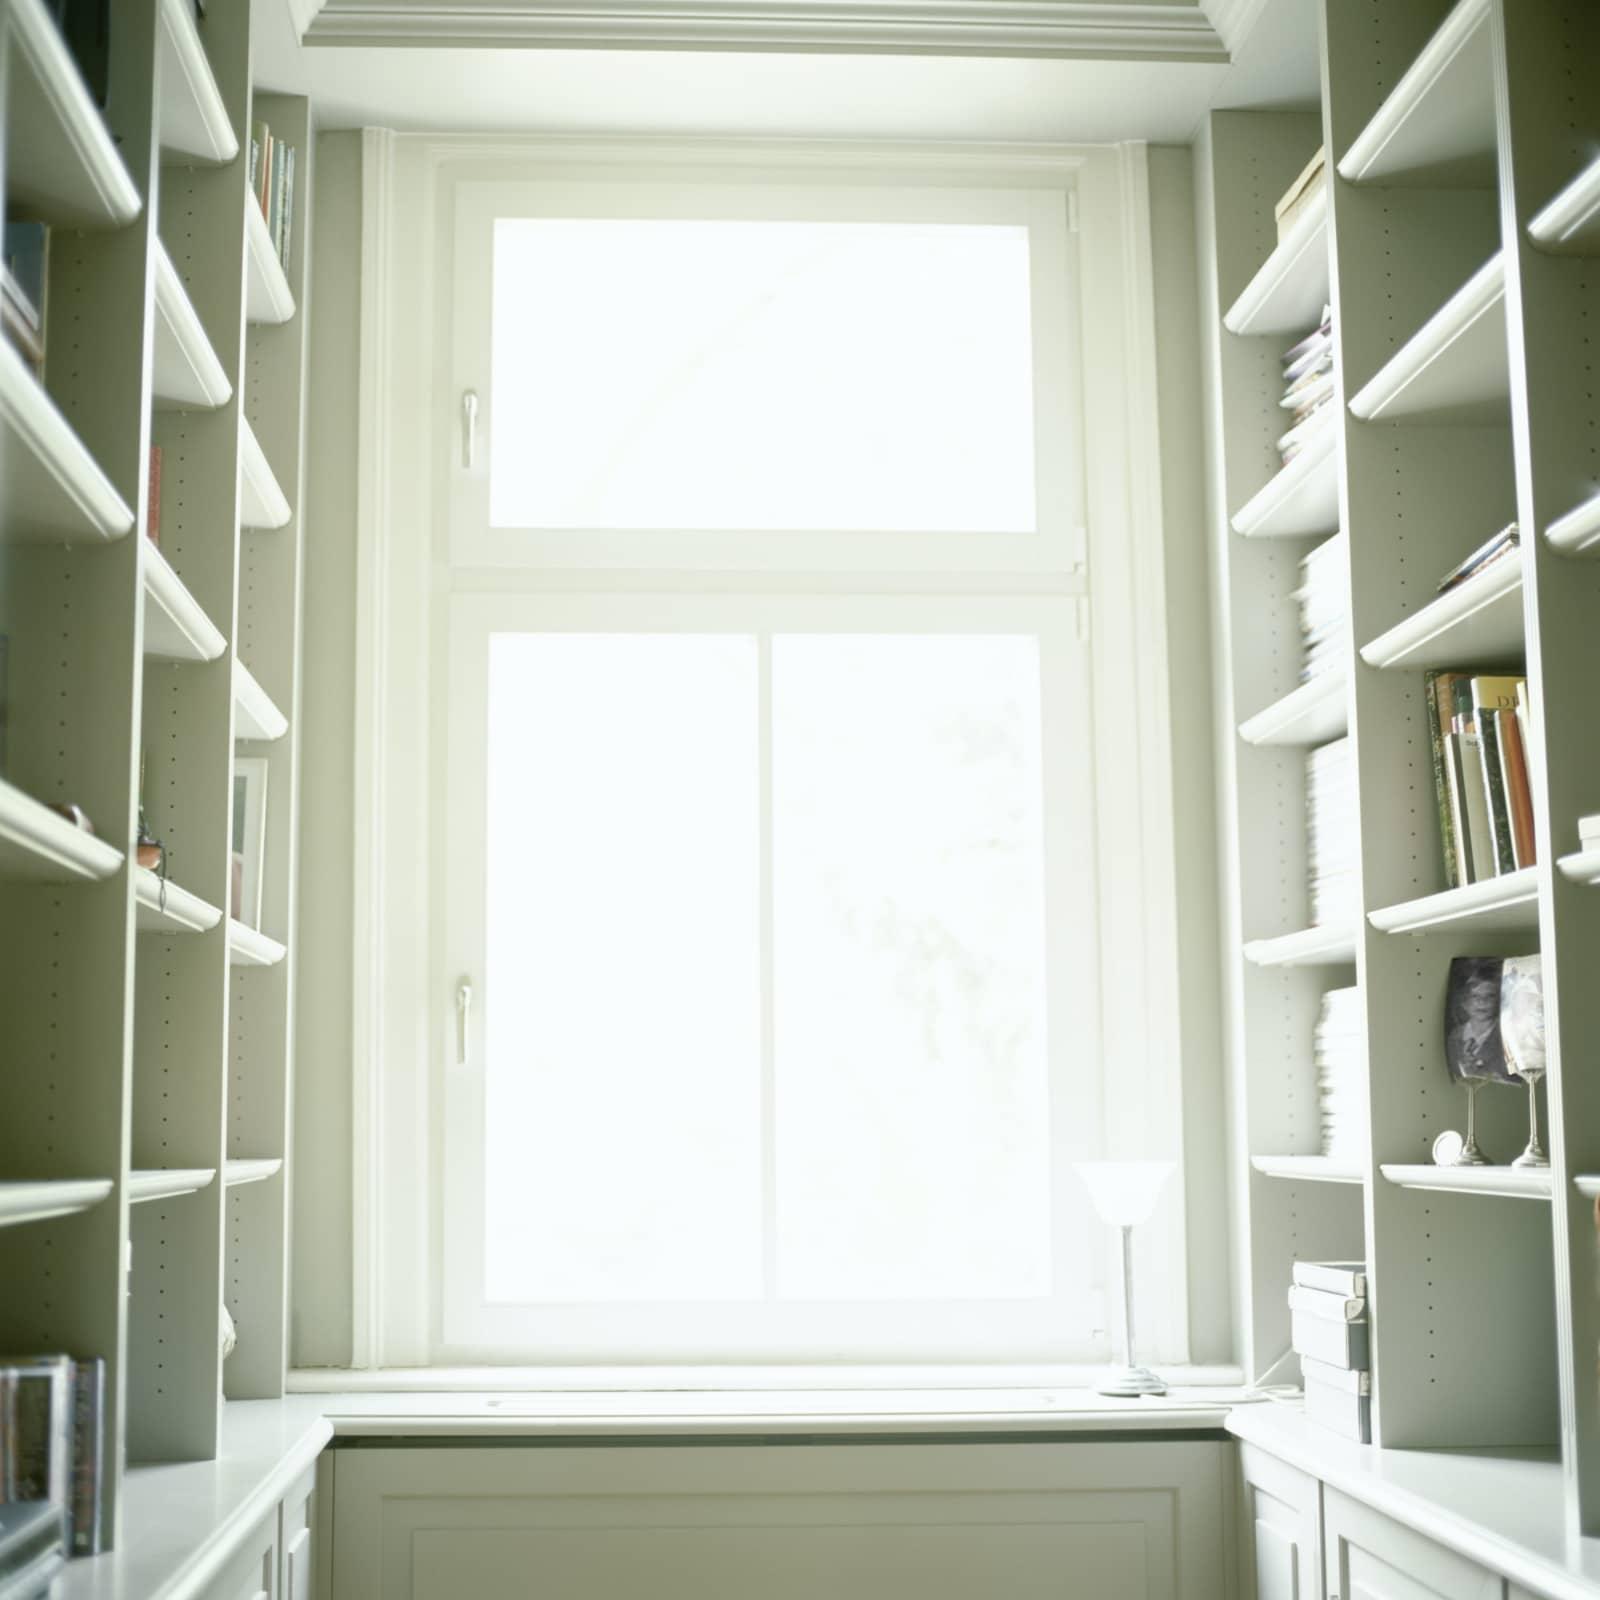 mooi licht door raam in kamer